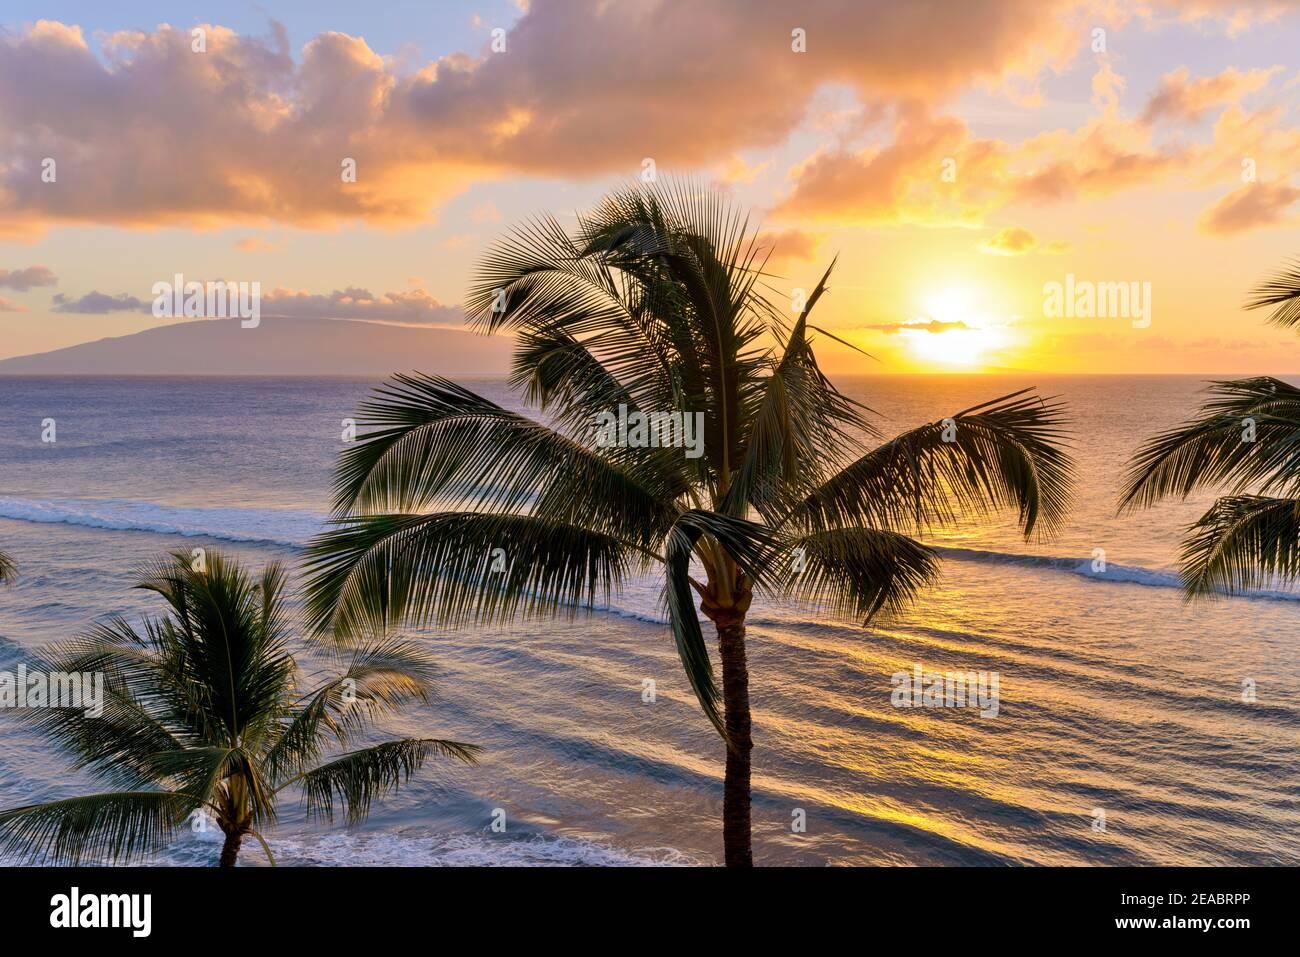 Sunset Maui - UN colorato tramonto sulla costa nord-occidentale di Maui, con l'isola di Lanai sullo sfondo. Maui, Hawaii, Stati Uniti. Foto Stock